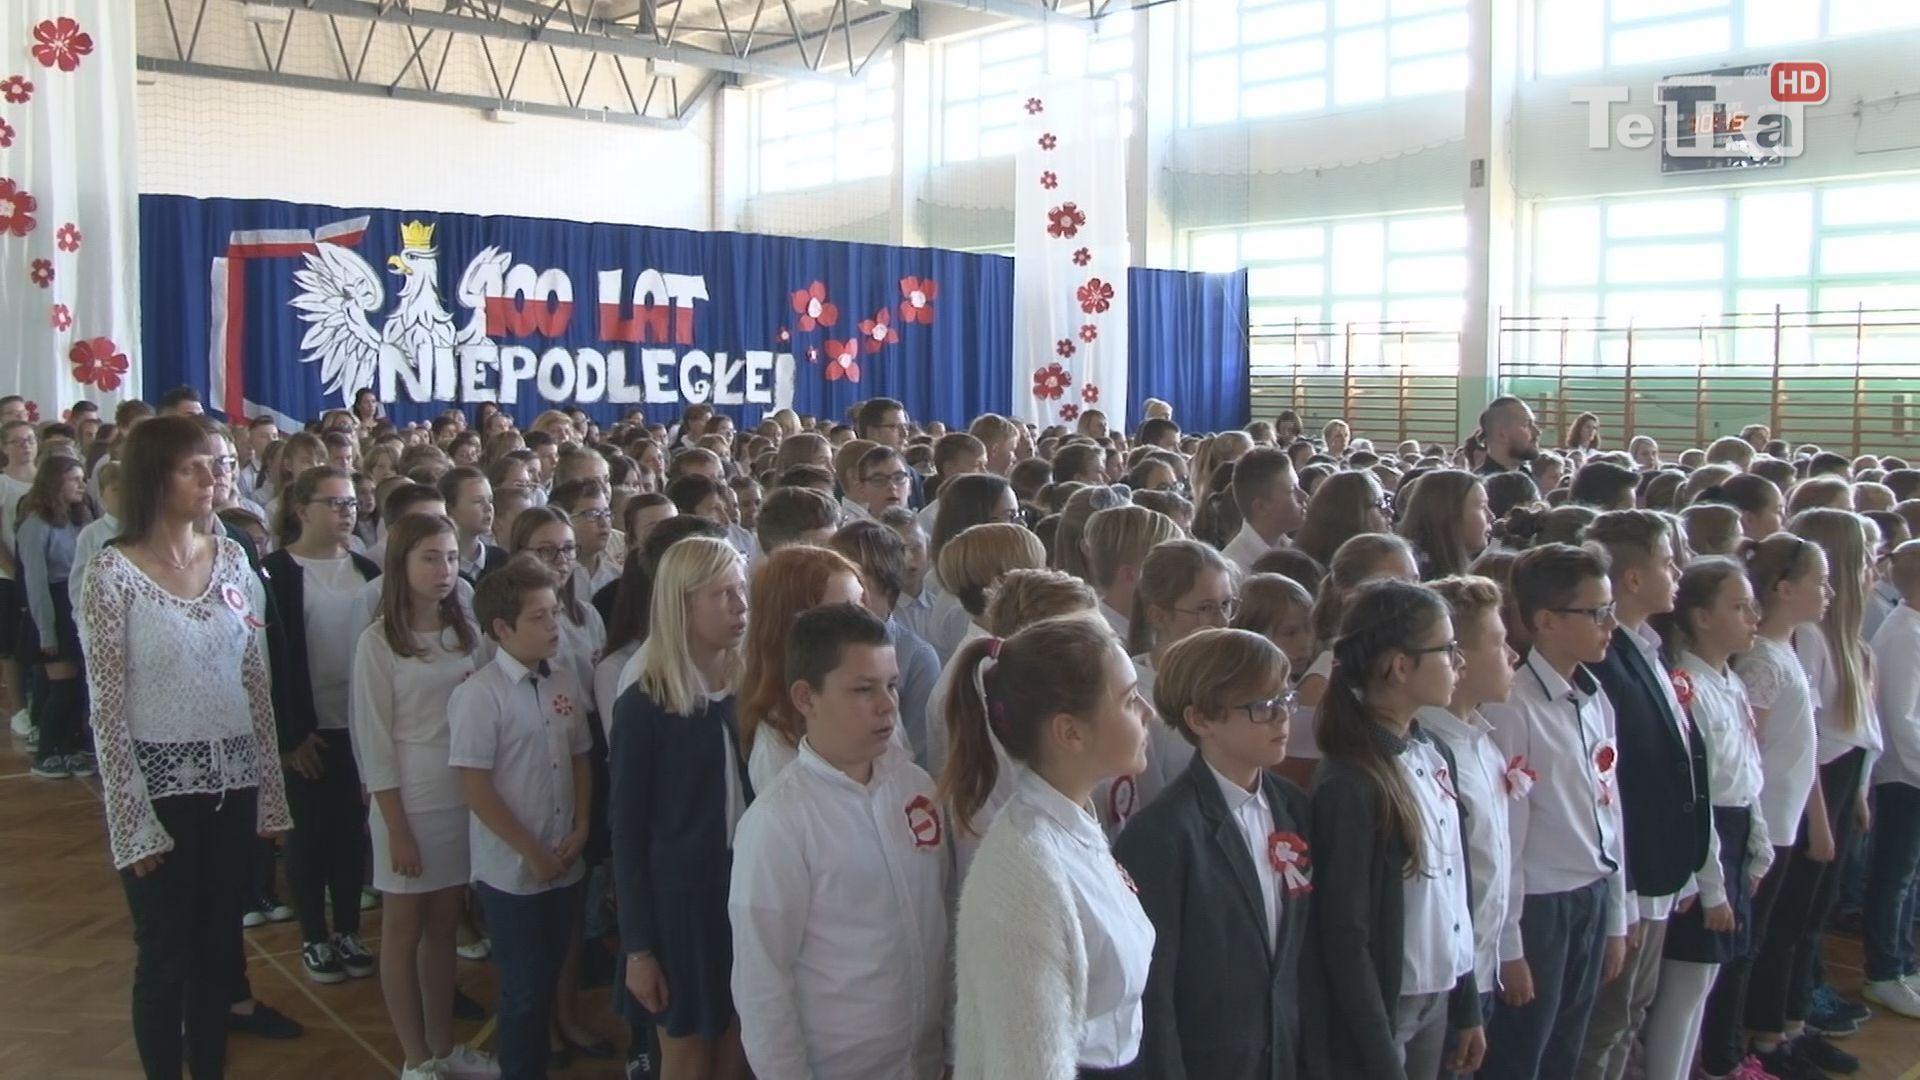 ponad siedmiuset uczniów szkoły podstawowej nr 12 zaśpiewało hymn narodowy